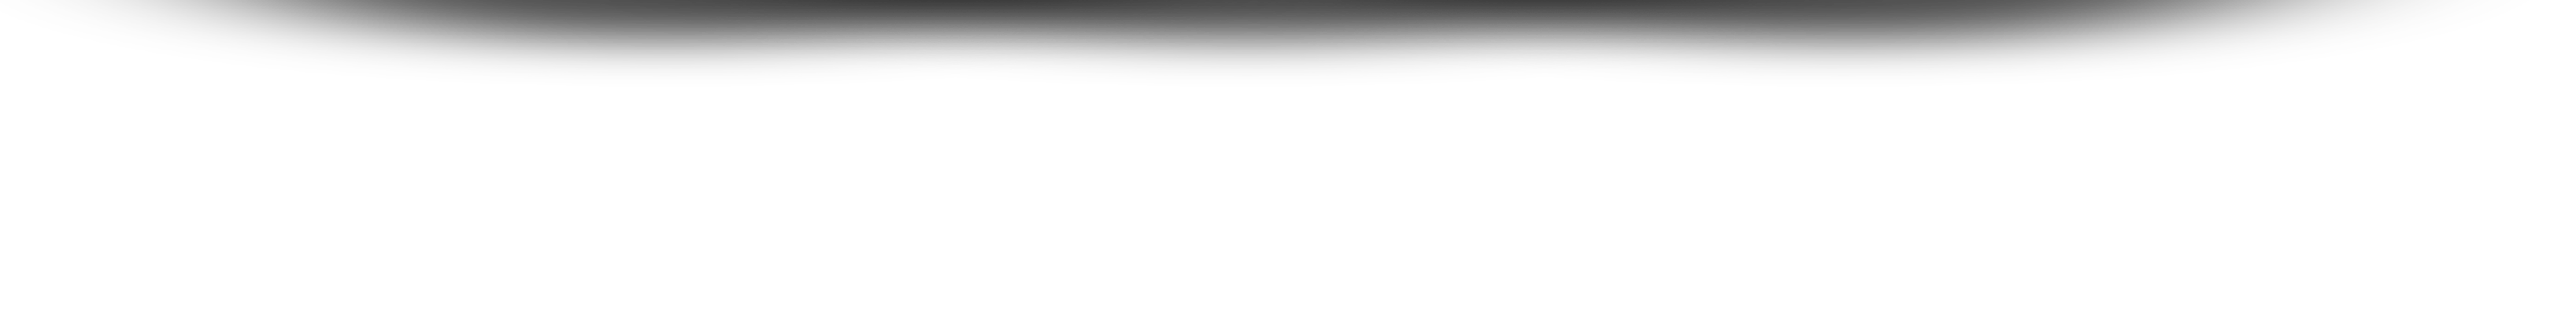 Grafik für gestalterische Zwecke